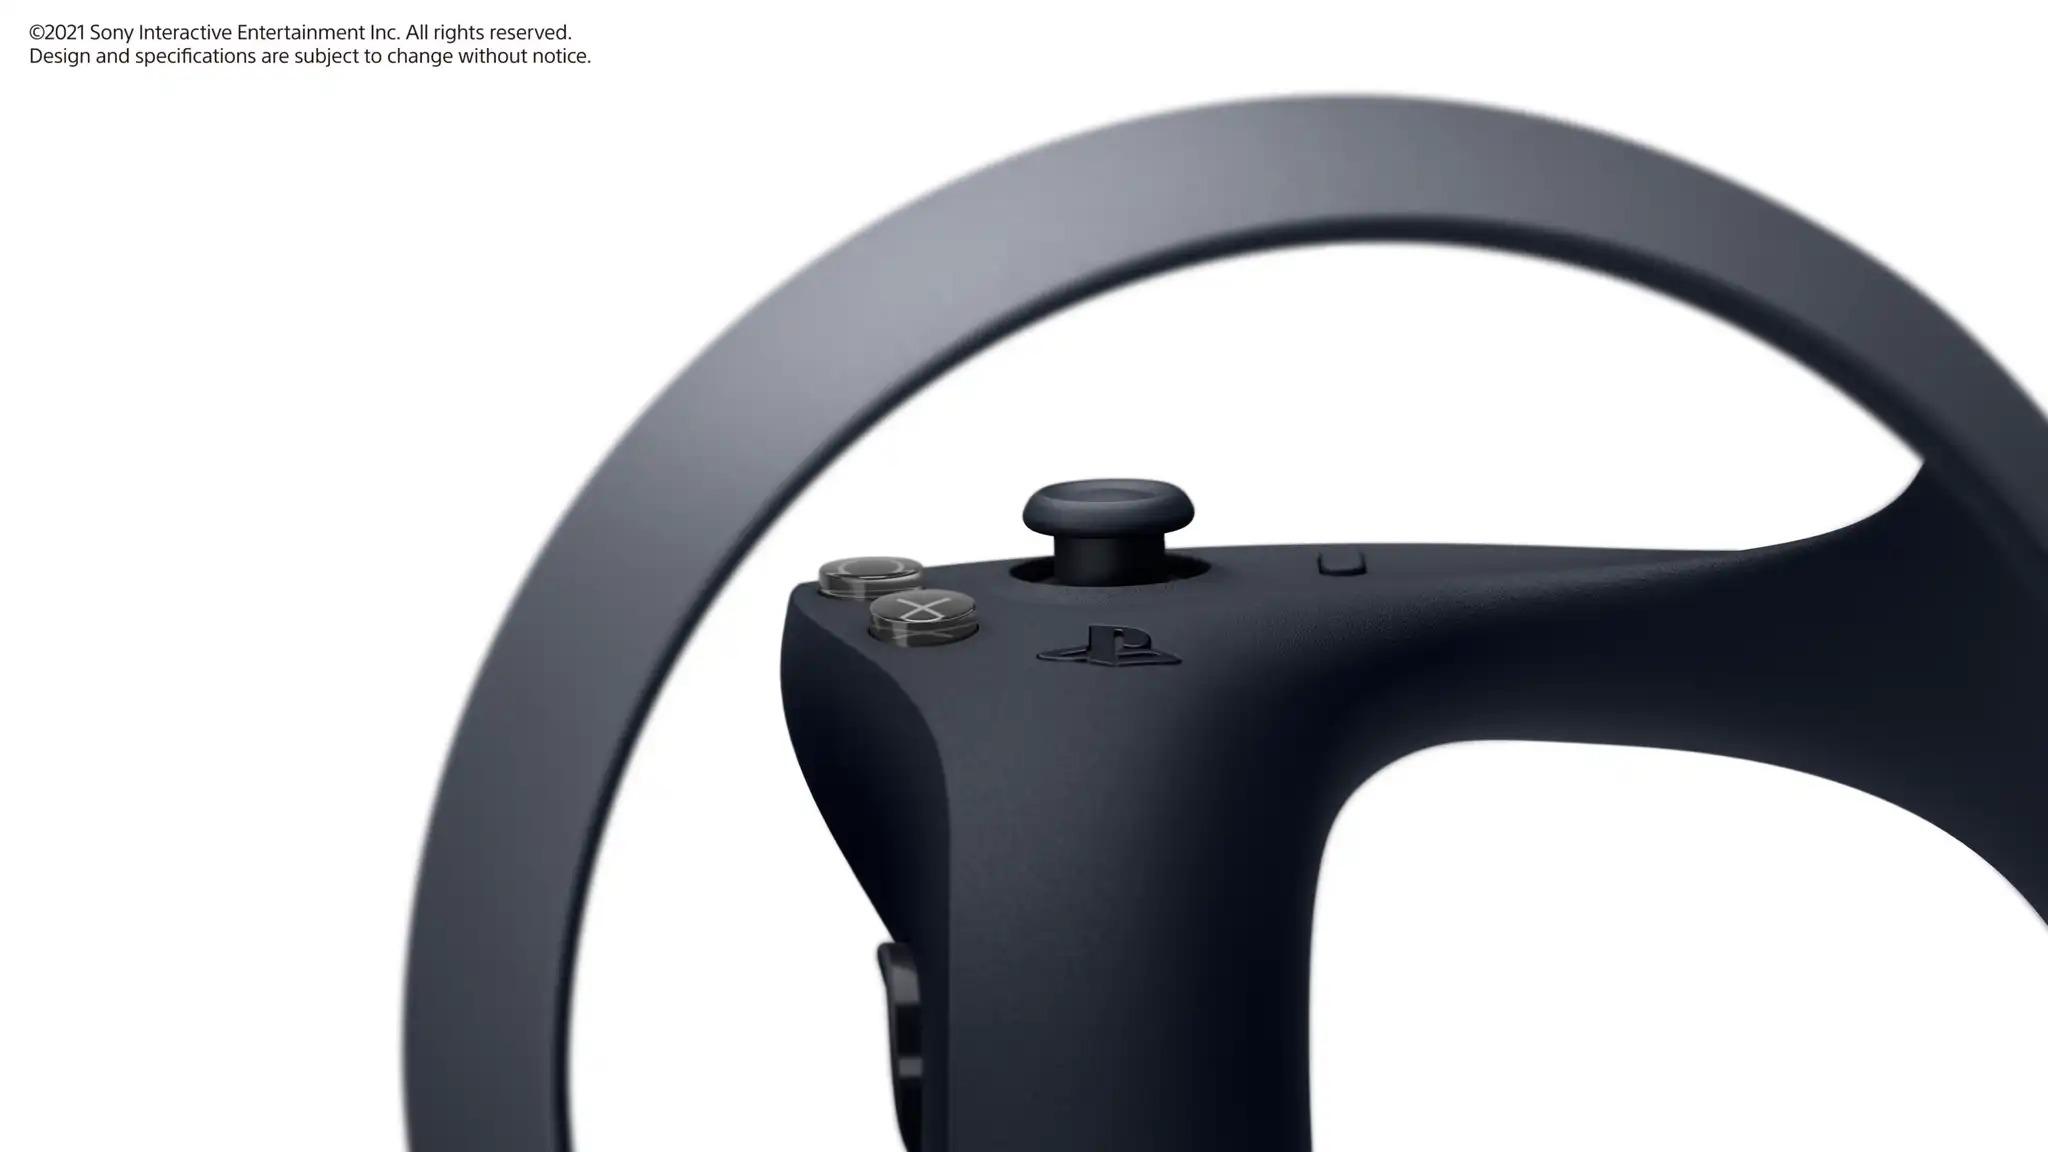 Controladores de PlayStation 5 VR